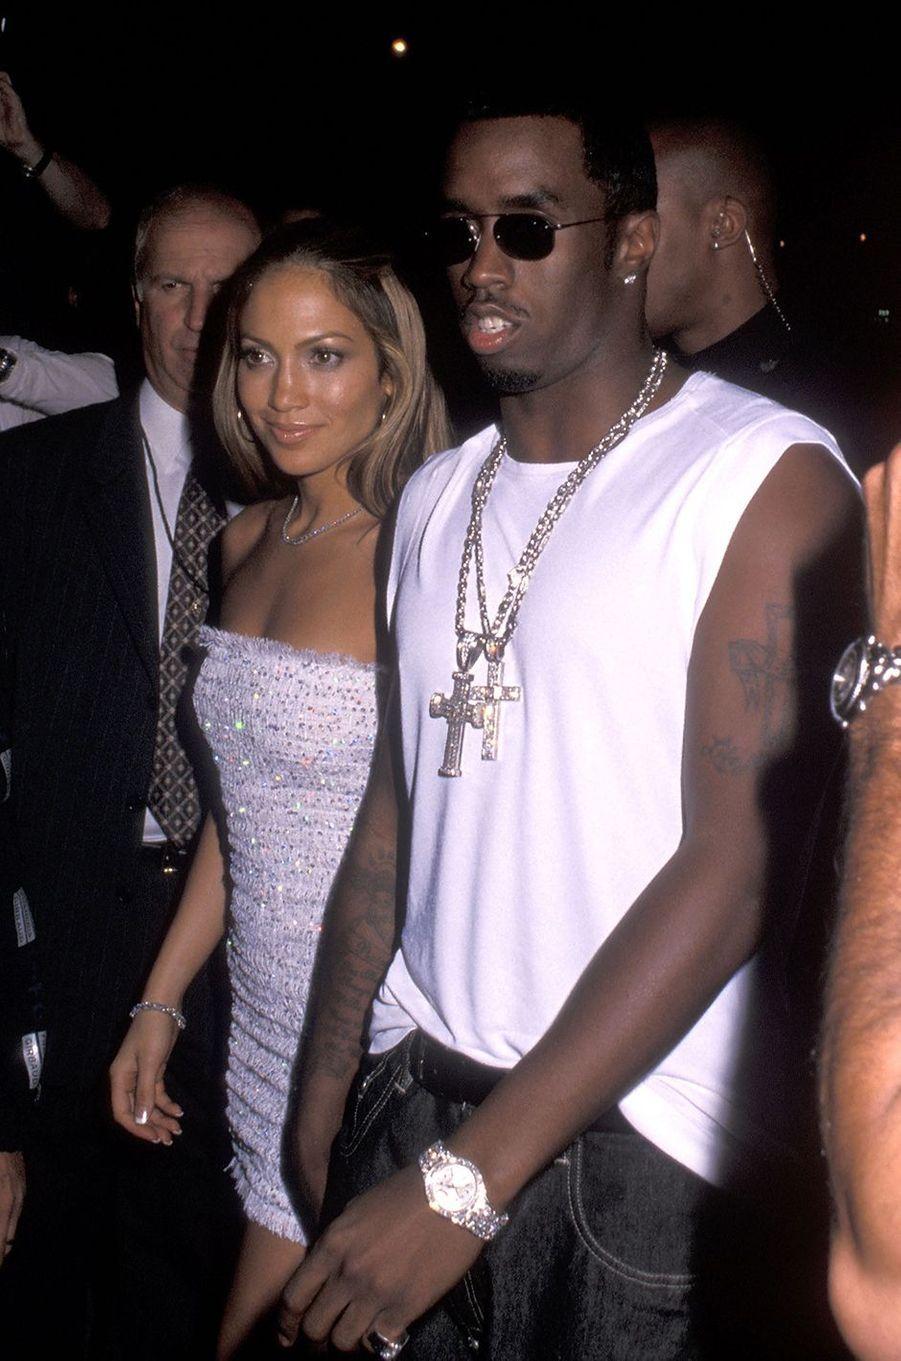 Jennifer Lopez et Sean Combs aux MTV Video Music Awards à New York en septembre 1999. Le duo de stars s'est fréquenté plusieurs mois entre 1999 et 2000.